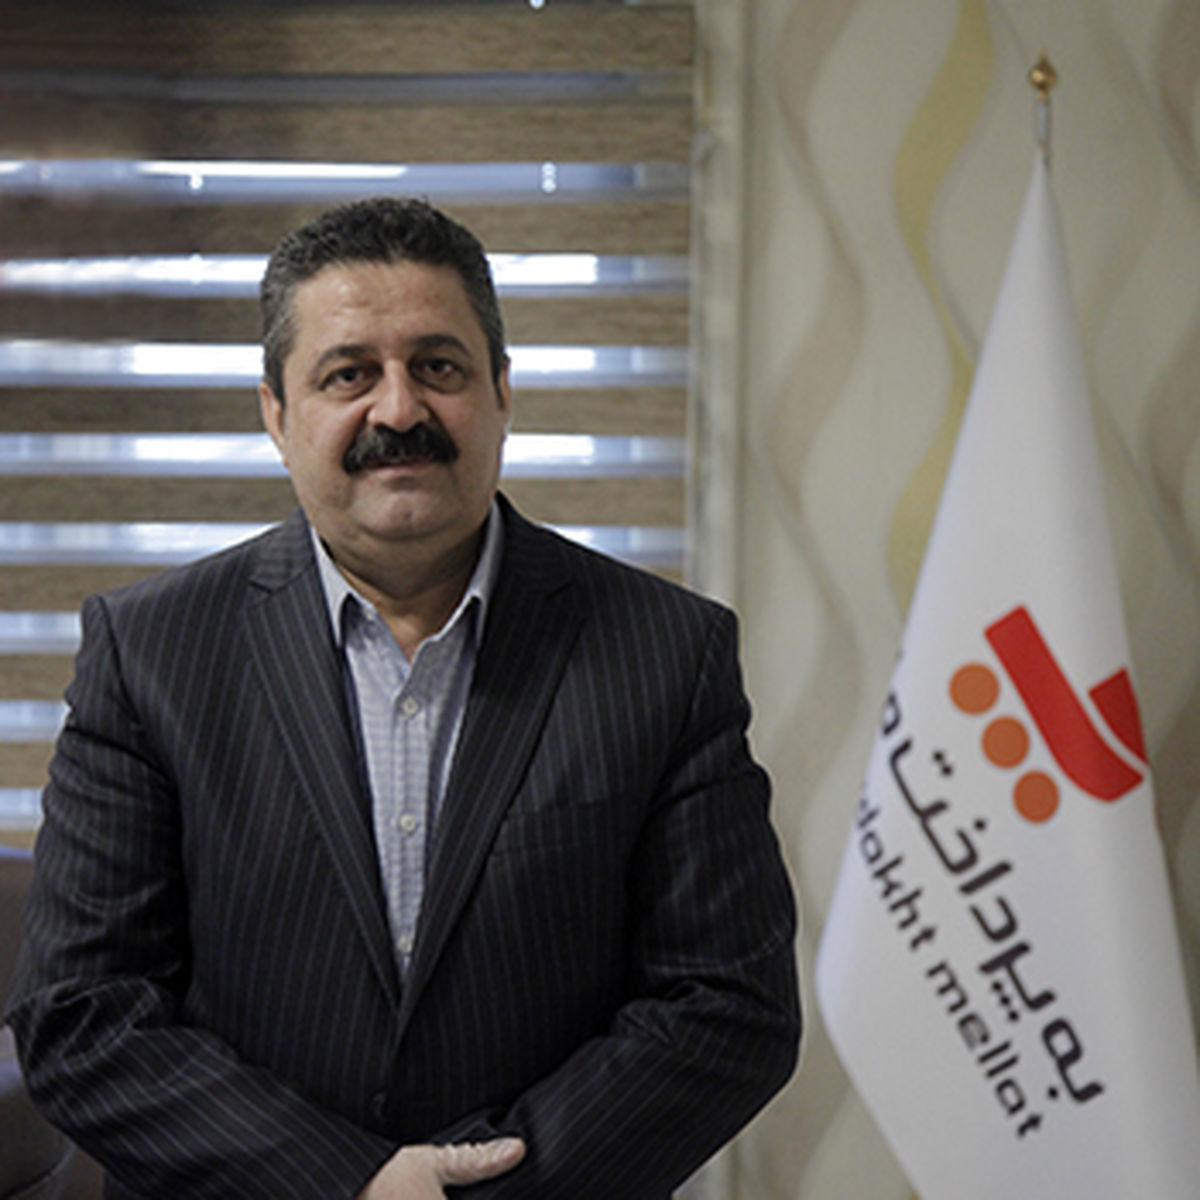 محمدرضا نمازی، مدیرعامل شرکت بهپرداخت ملت شد